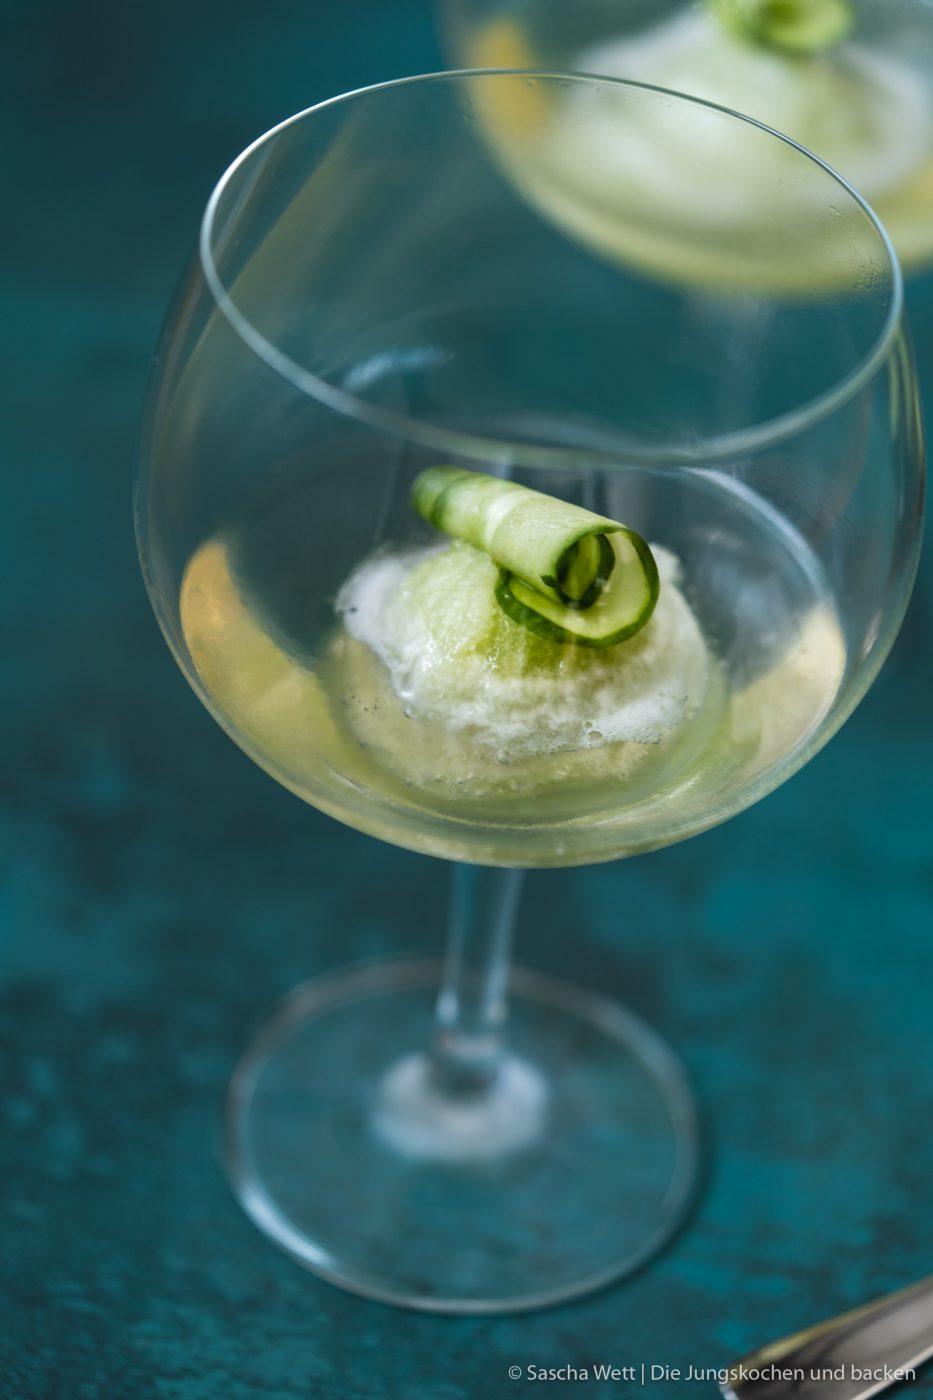 Gurkensorbet Gin Tonix Zwiesel Glas 3 | Unser heutiges Rezept, das wir euch unbedingt zeigen wollen, passt perfekt in jede Jahreszeit. Denn letztlich kann man hin und wieder eine kleine Abkühlung vertragen. Und wenn man unser Gurken-Gin-Sorbet, das wir mit Tonic angießen, auch gut als Dessert verspeisen kann, ist es auch der perfekte Starter für eure nächste Grillparty. Und wer kann auf einen leckeren Gin-Tonic schon verzichten? Wir nicht!